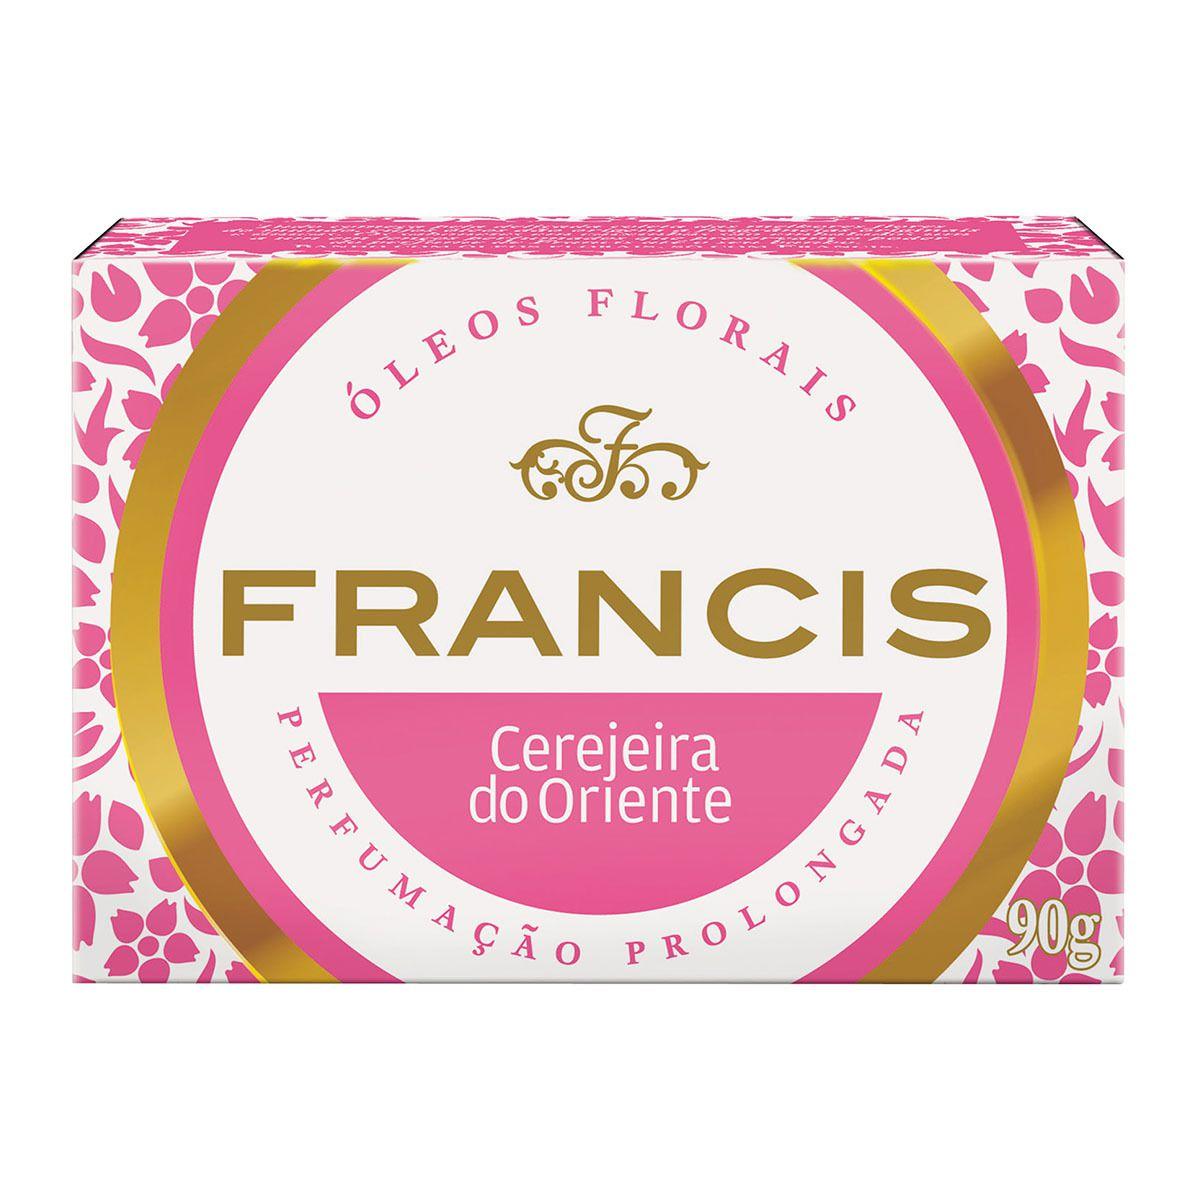 Francis Sabonete Clássico Cerejeira do Oriente 90g